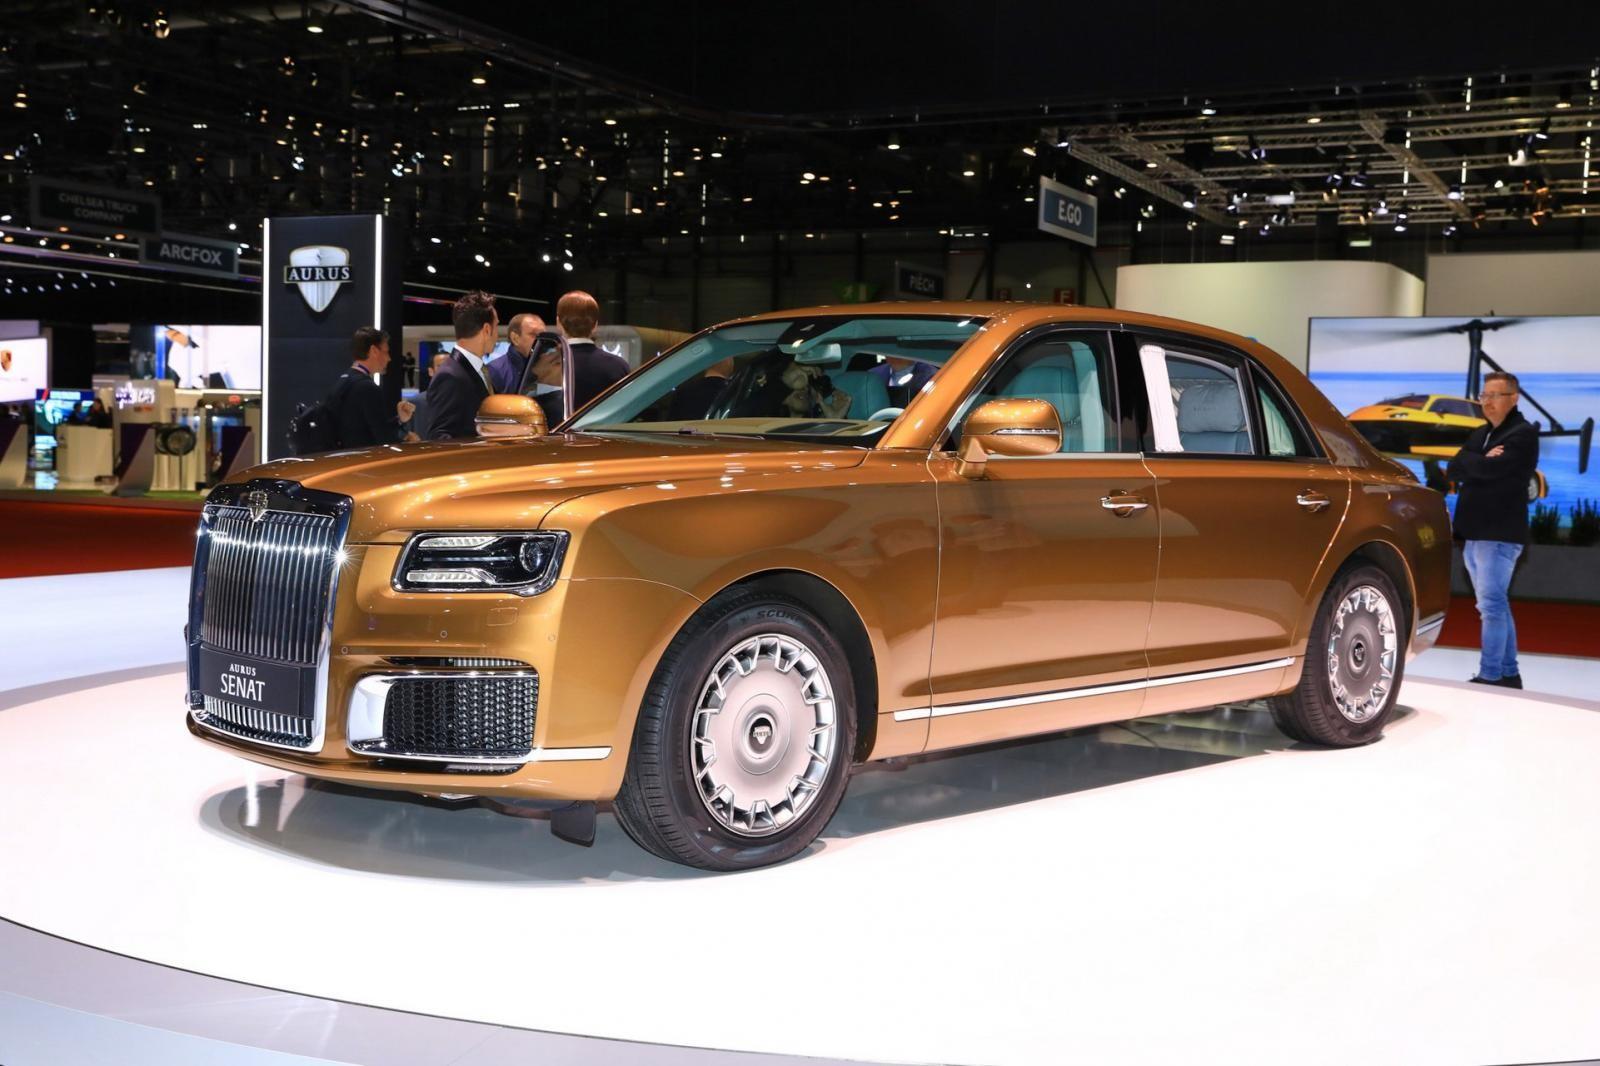 Aurus Senat sedan với màu sơn ngoại thất vàng kim đẹp mắt